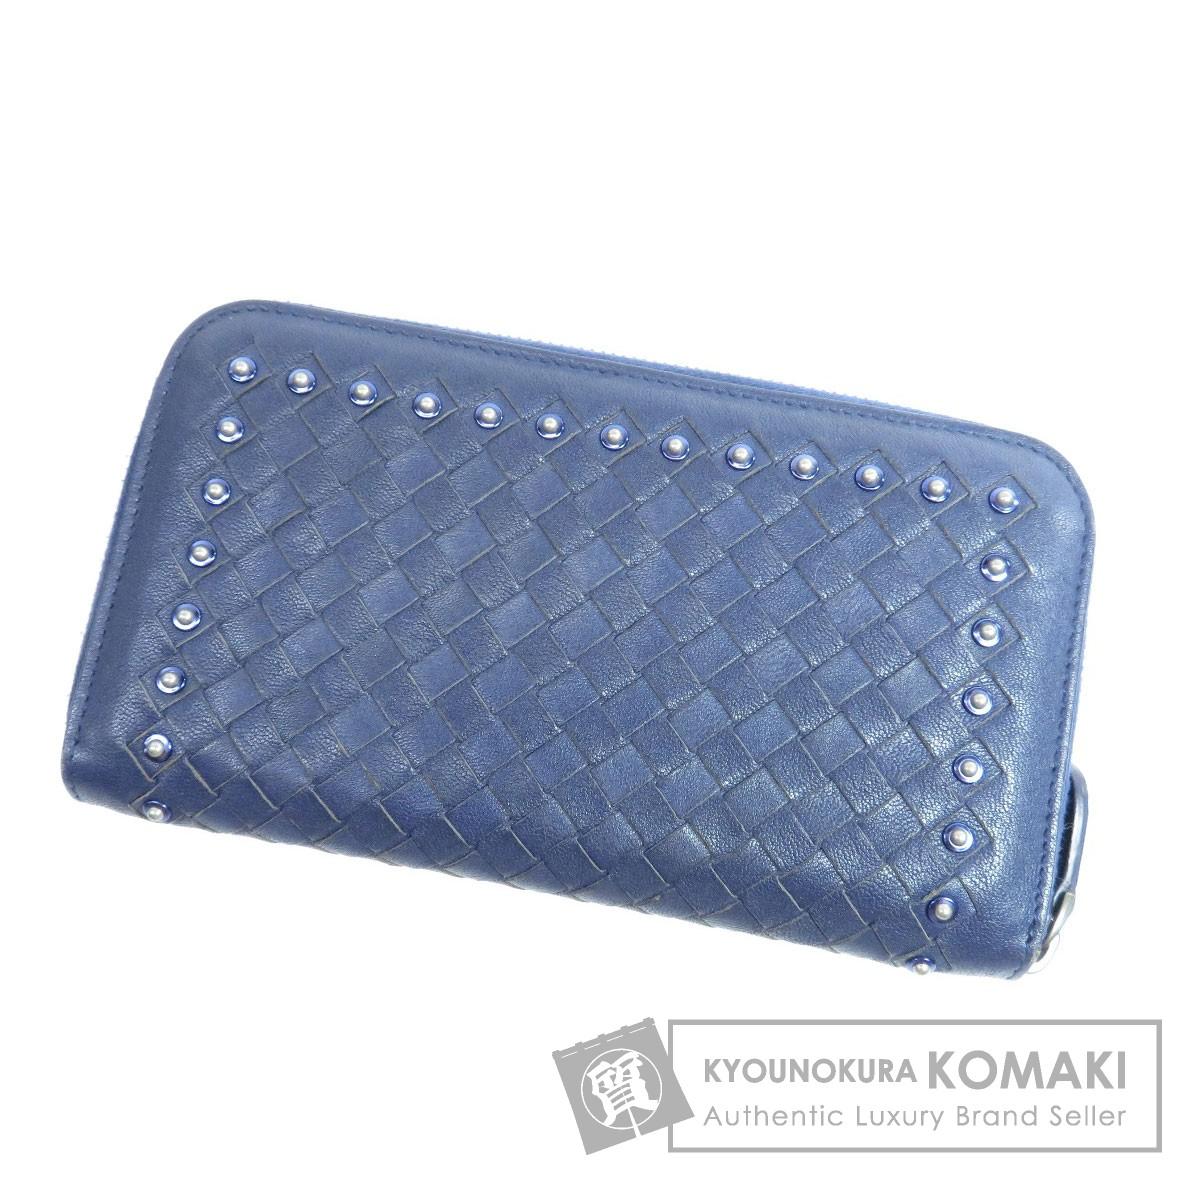 Kyonokura Komaki Brand Cheapest Challenger  Authentic BOTTEGA VENETA ... 2c42c74a5bd56